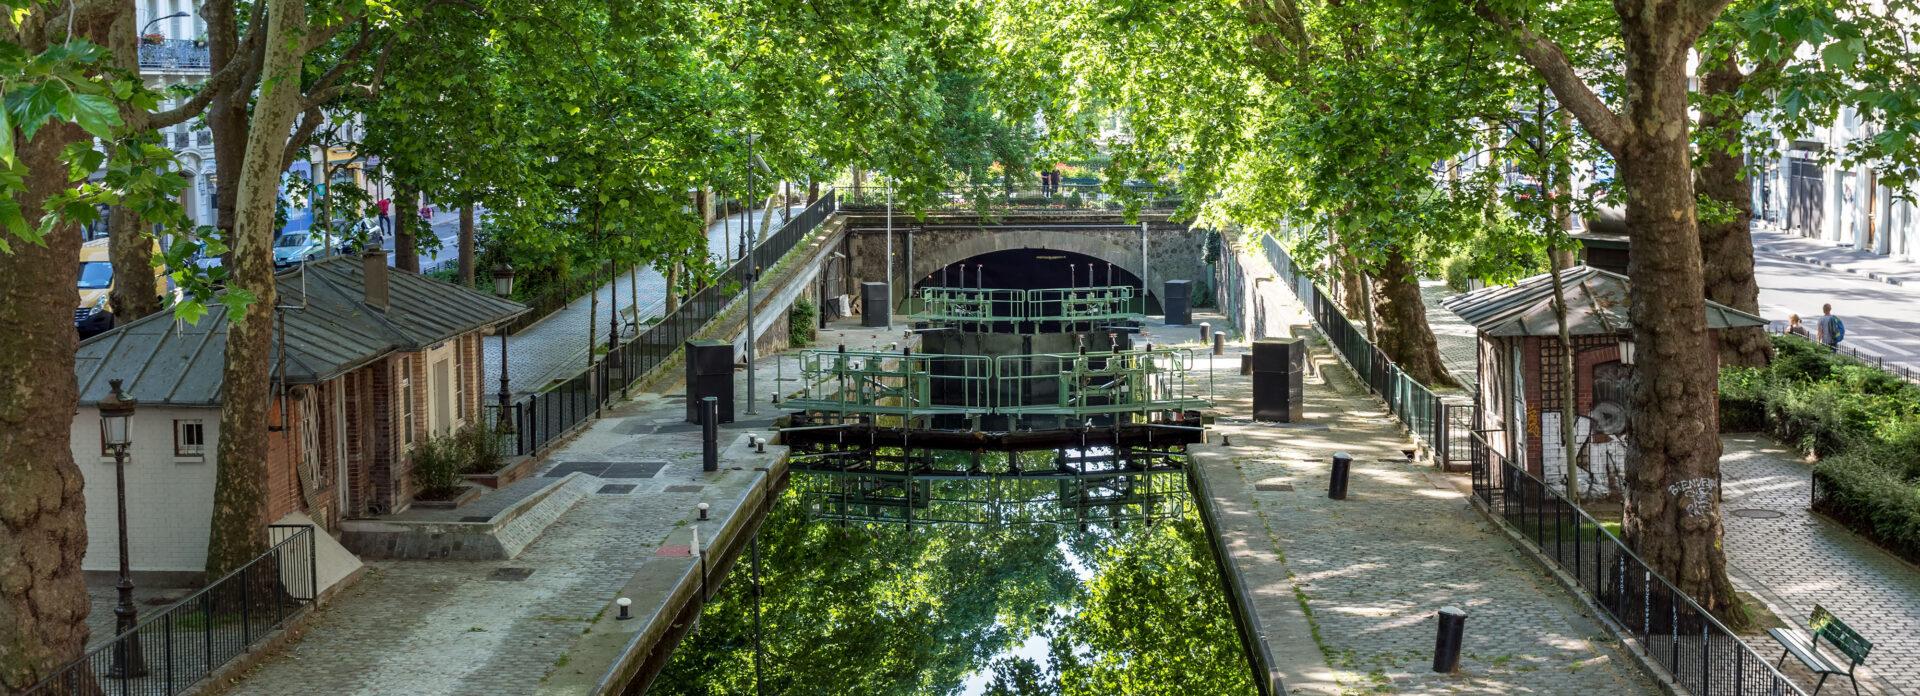 Canal Saint Martin Paris elvekanal kanal kjent severdighet